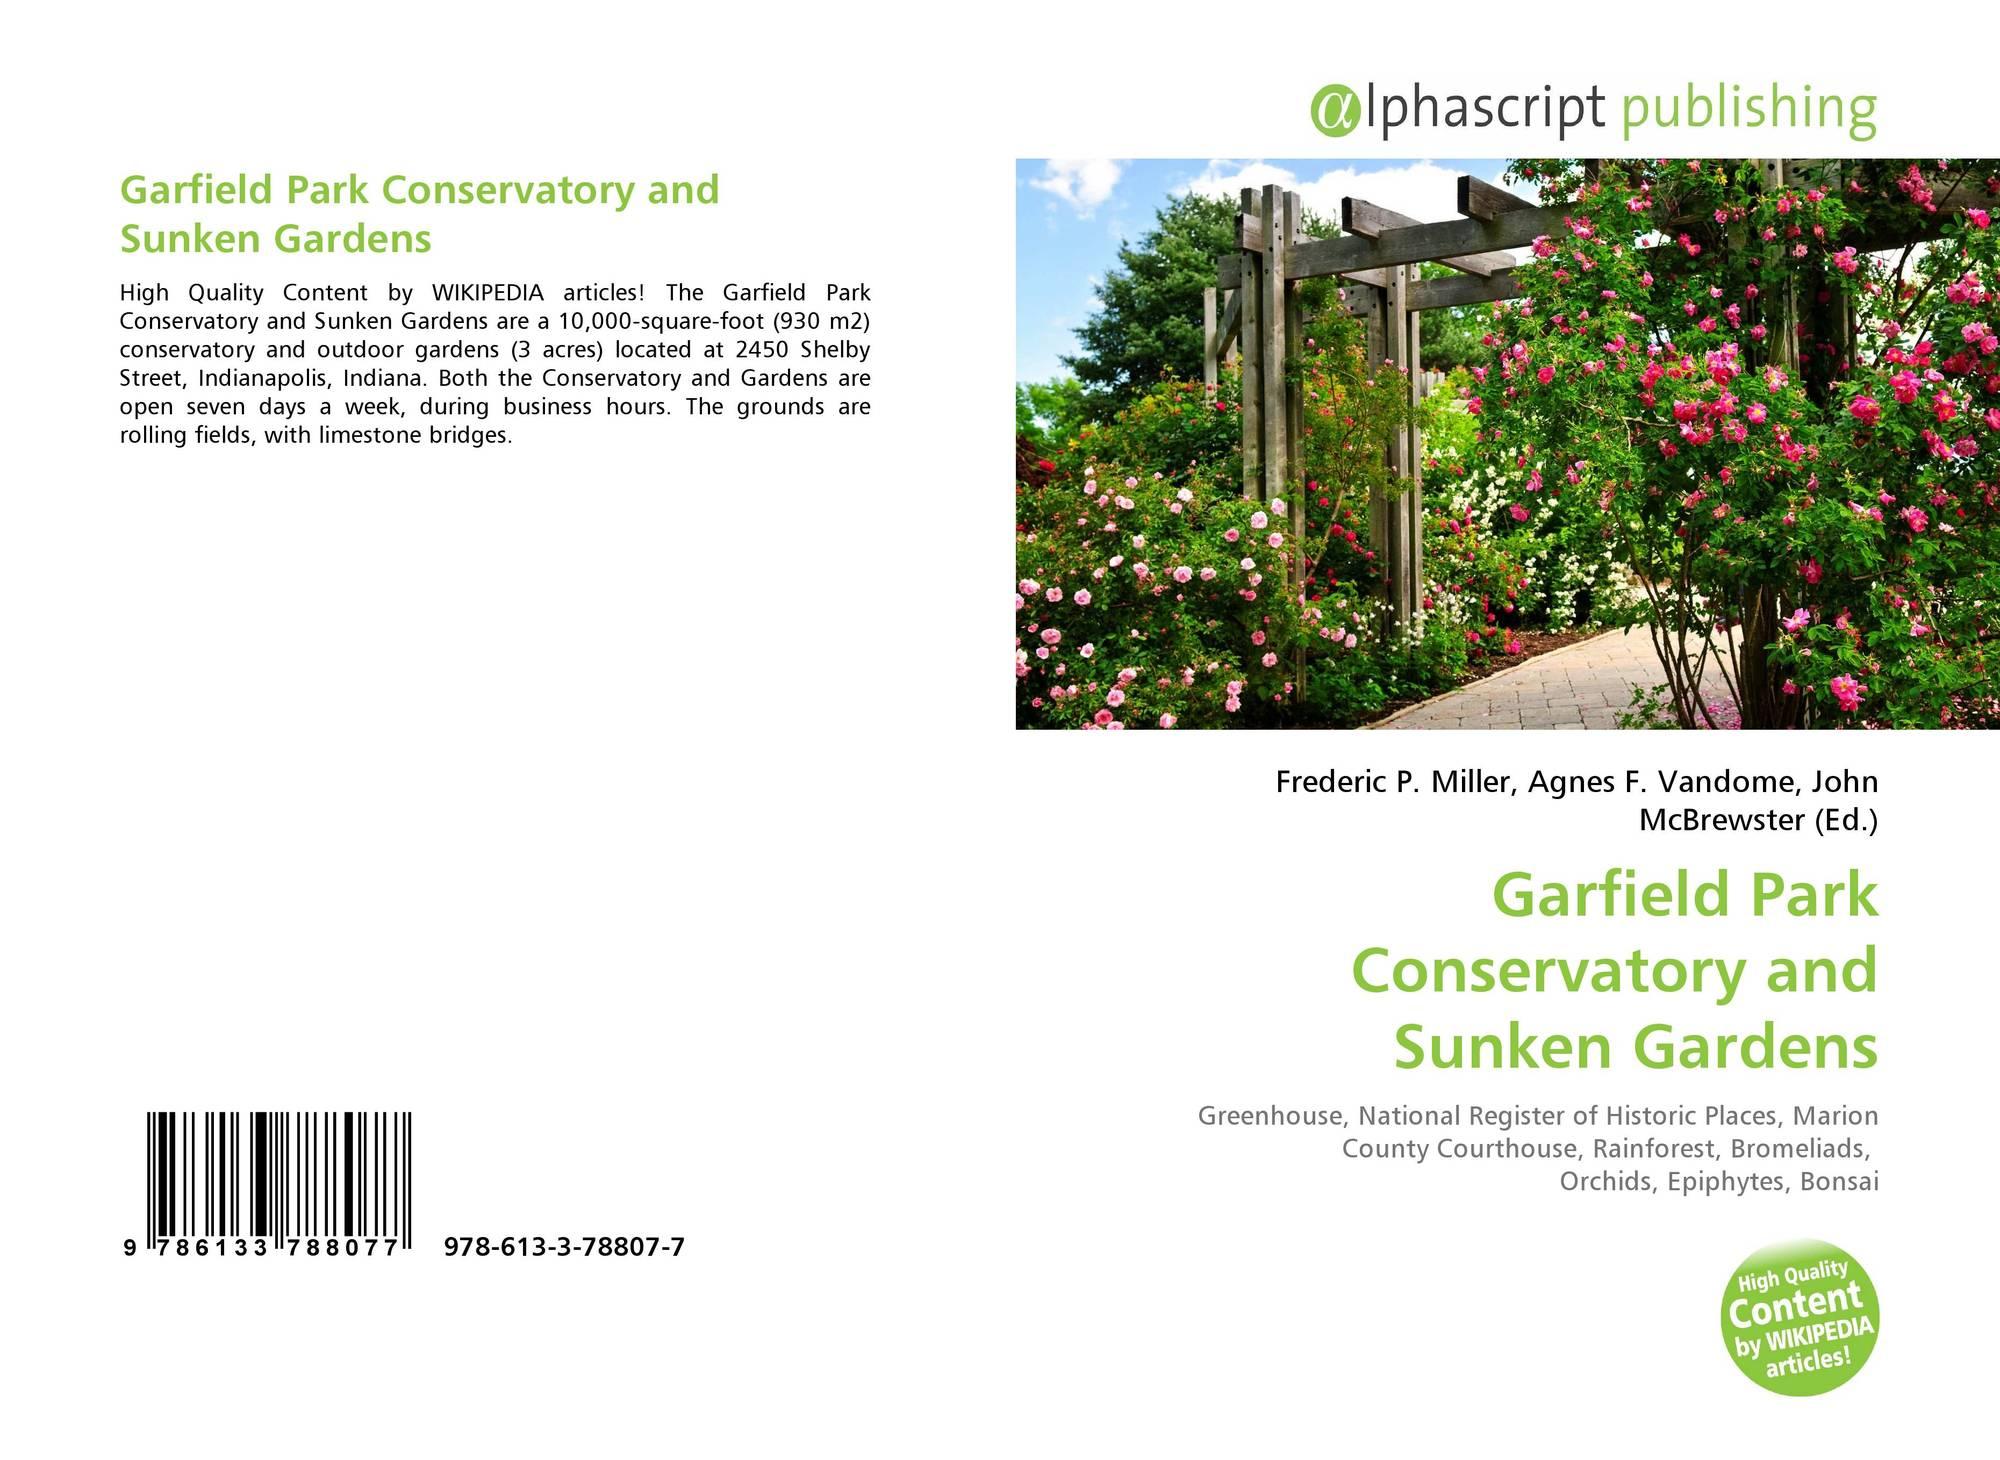 Garfield Park Conservatory And Sunken Gardens 978 613 3 78807 7 6133788070 9786133788077